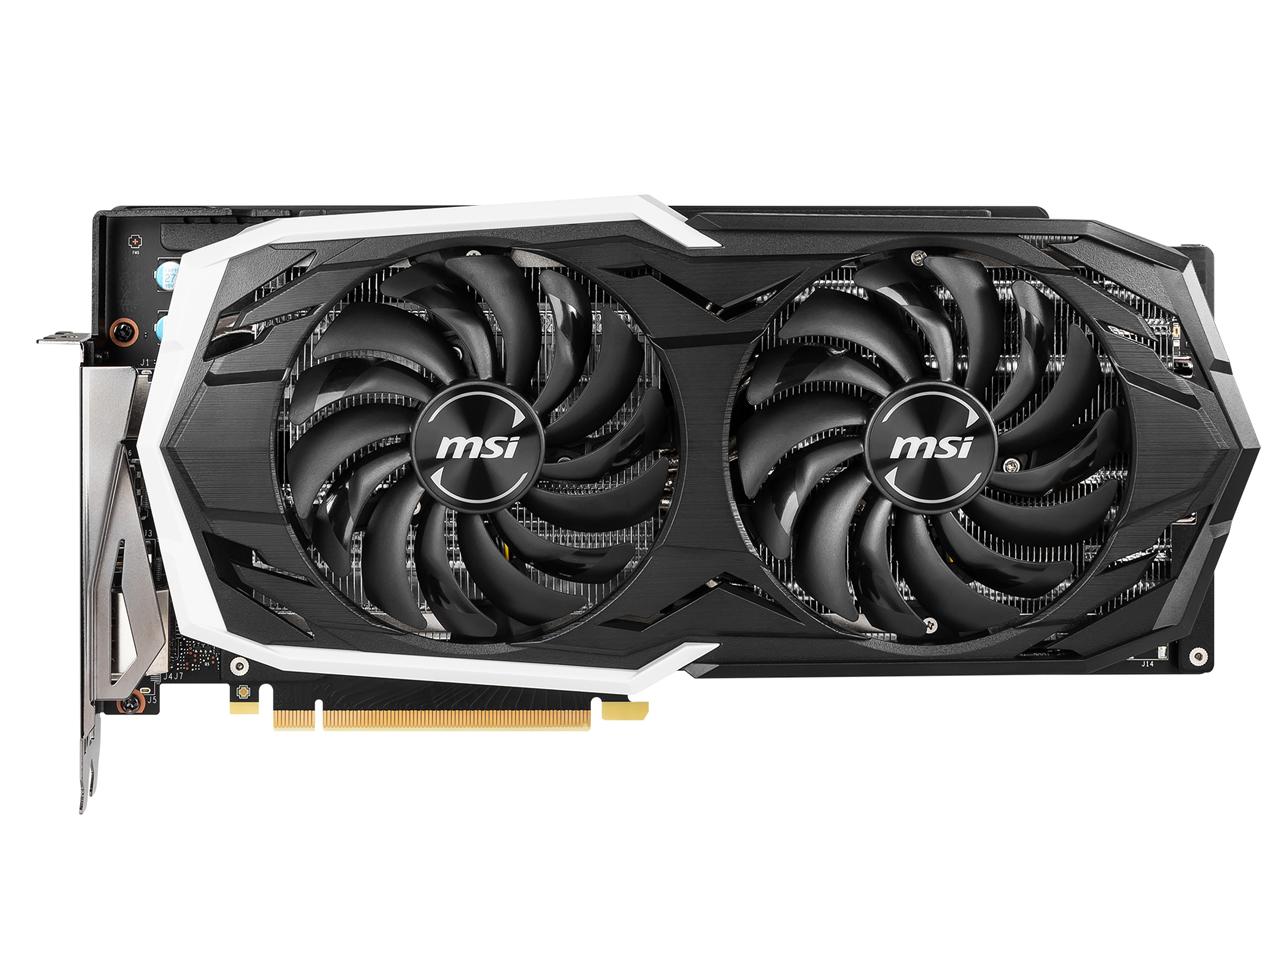 『本体1』 GeForce RTX 2070 ARMOR 8G [PCIExp 8GB] の製品画像